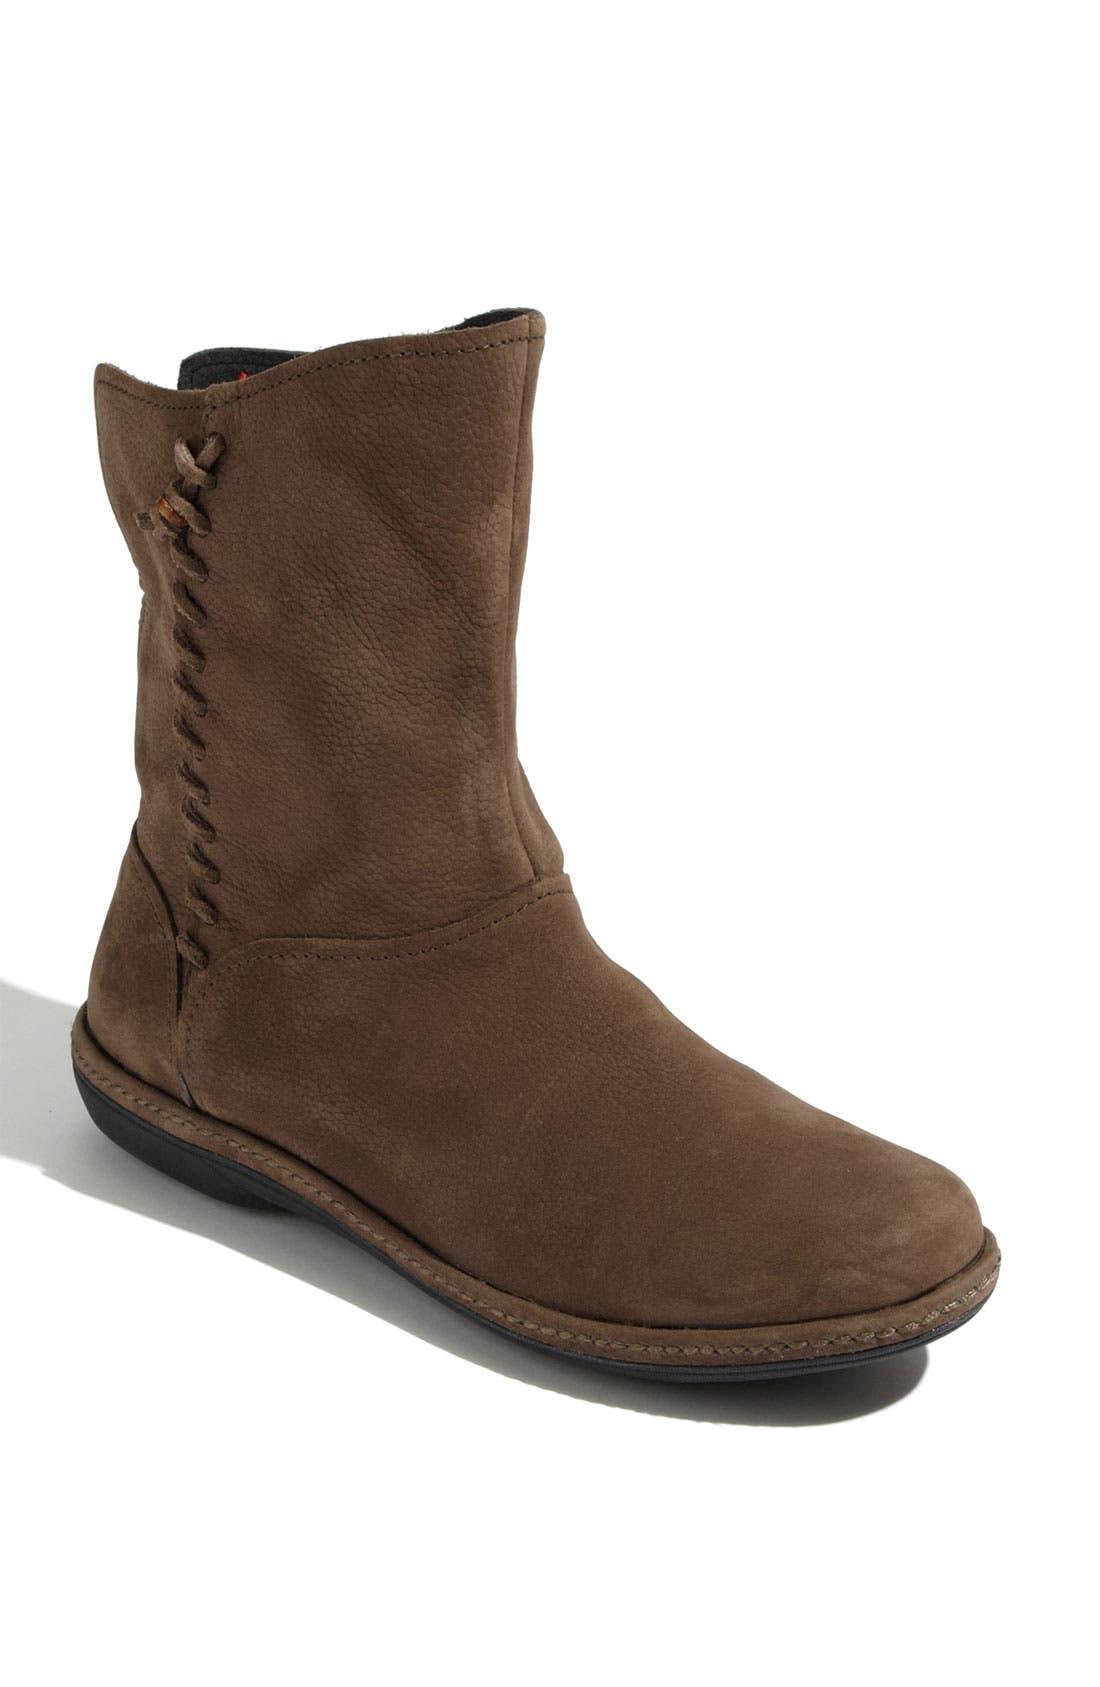 Alternate Image 1 Selected - OluKai 'O Waho' Boot